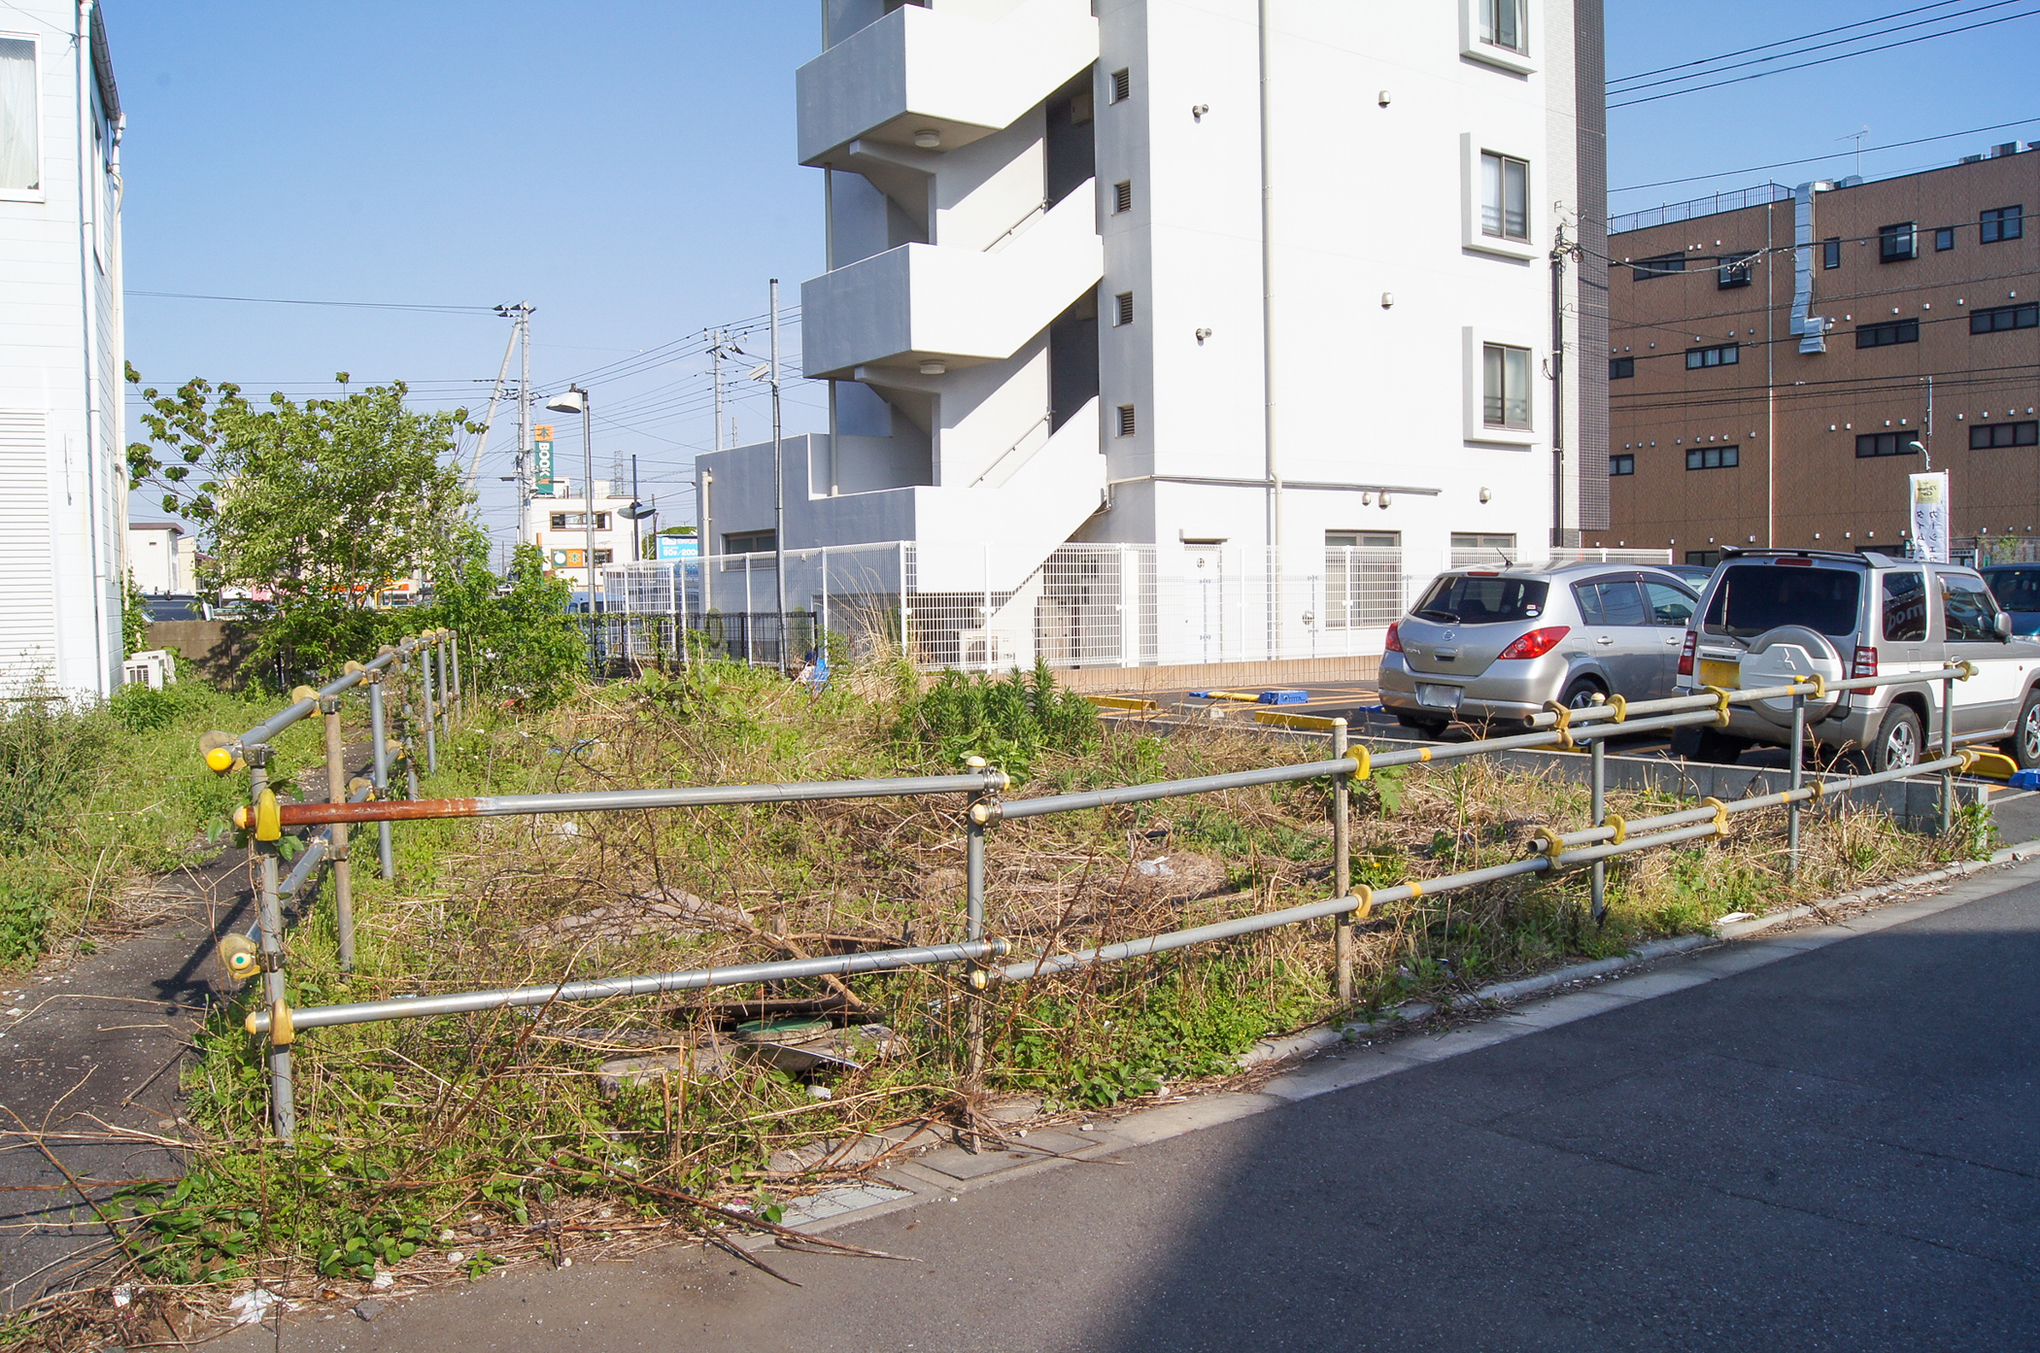 f:id:akichiniiko:20200722185037j:plain